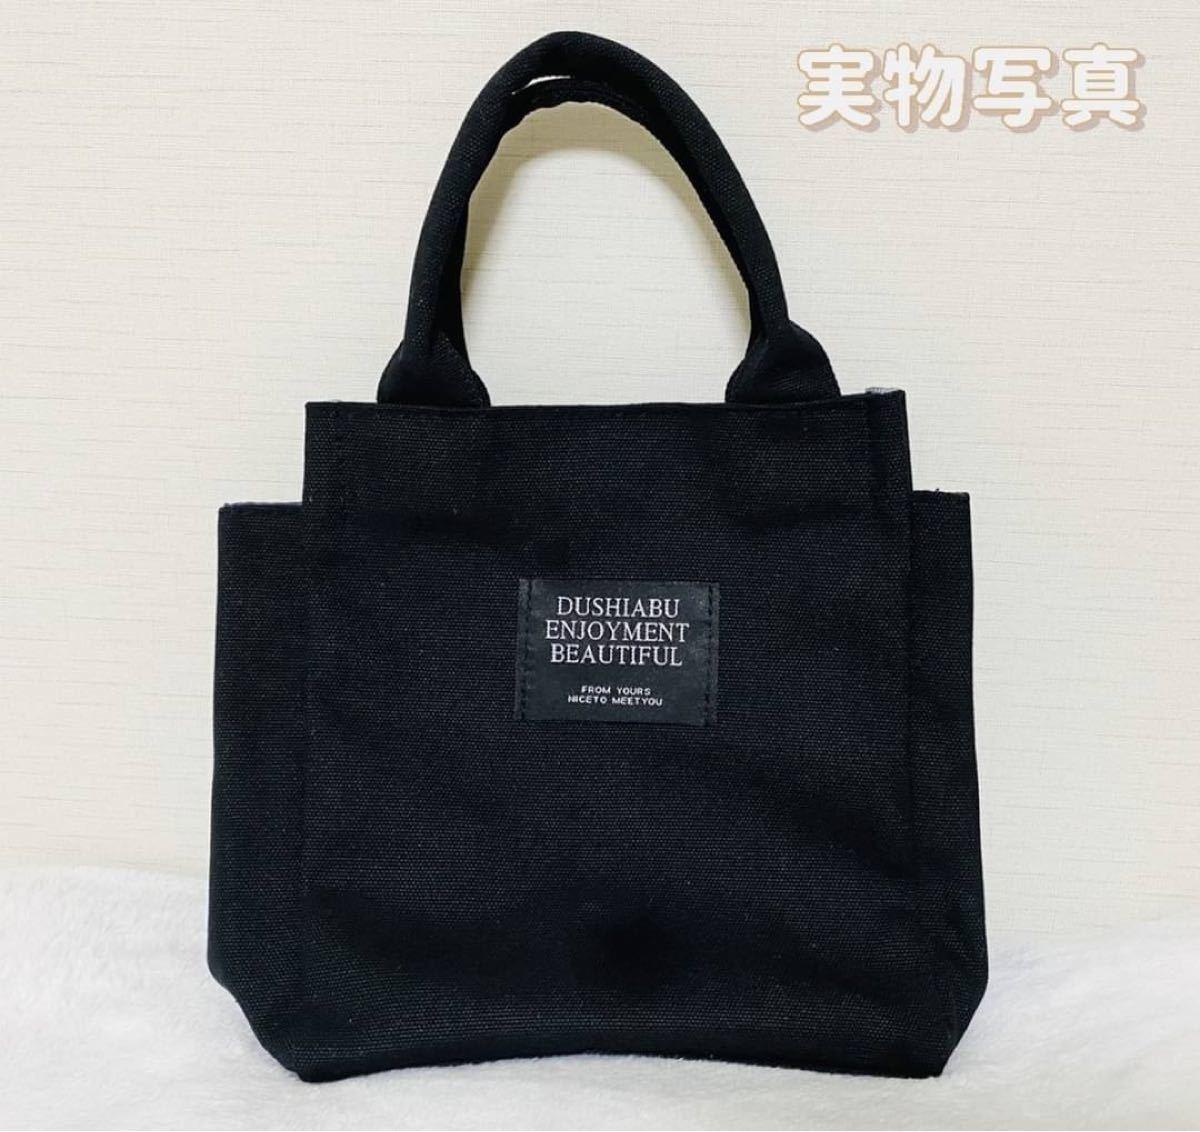 ミニトート コンパクト トートバッグ  キャンバストート 軽量 サイドポケット 大容量 サブバッグ